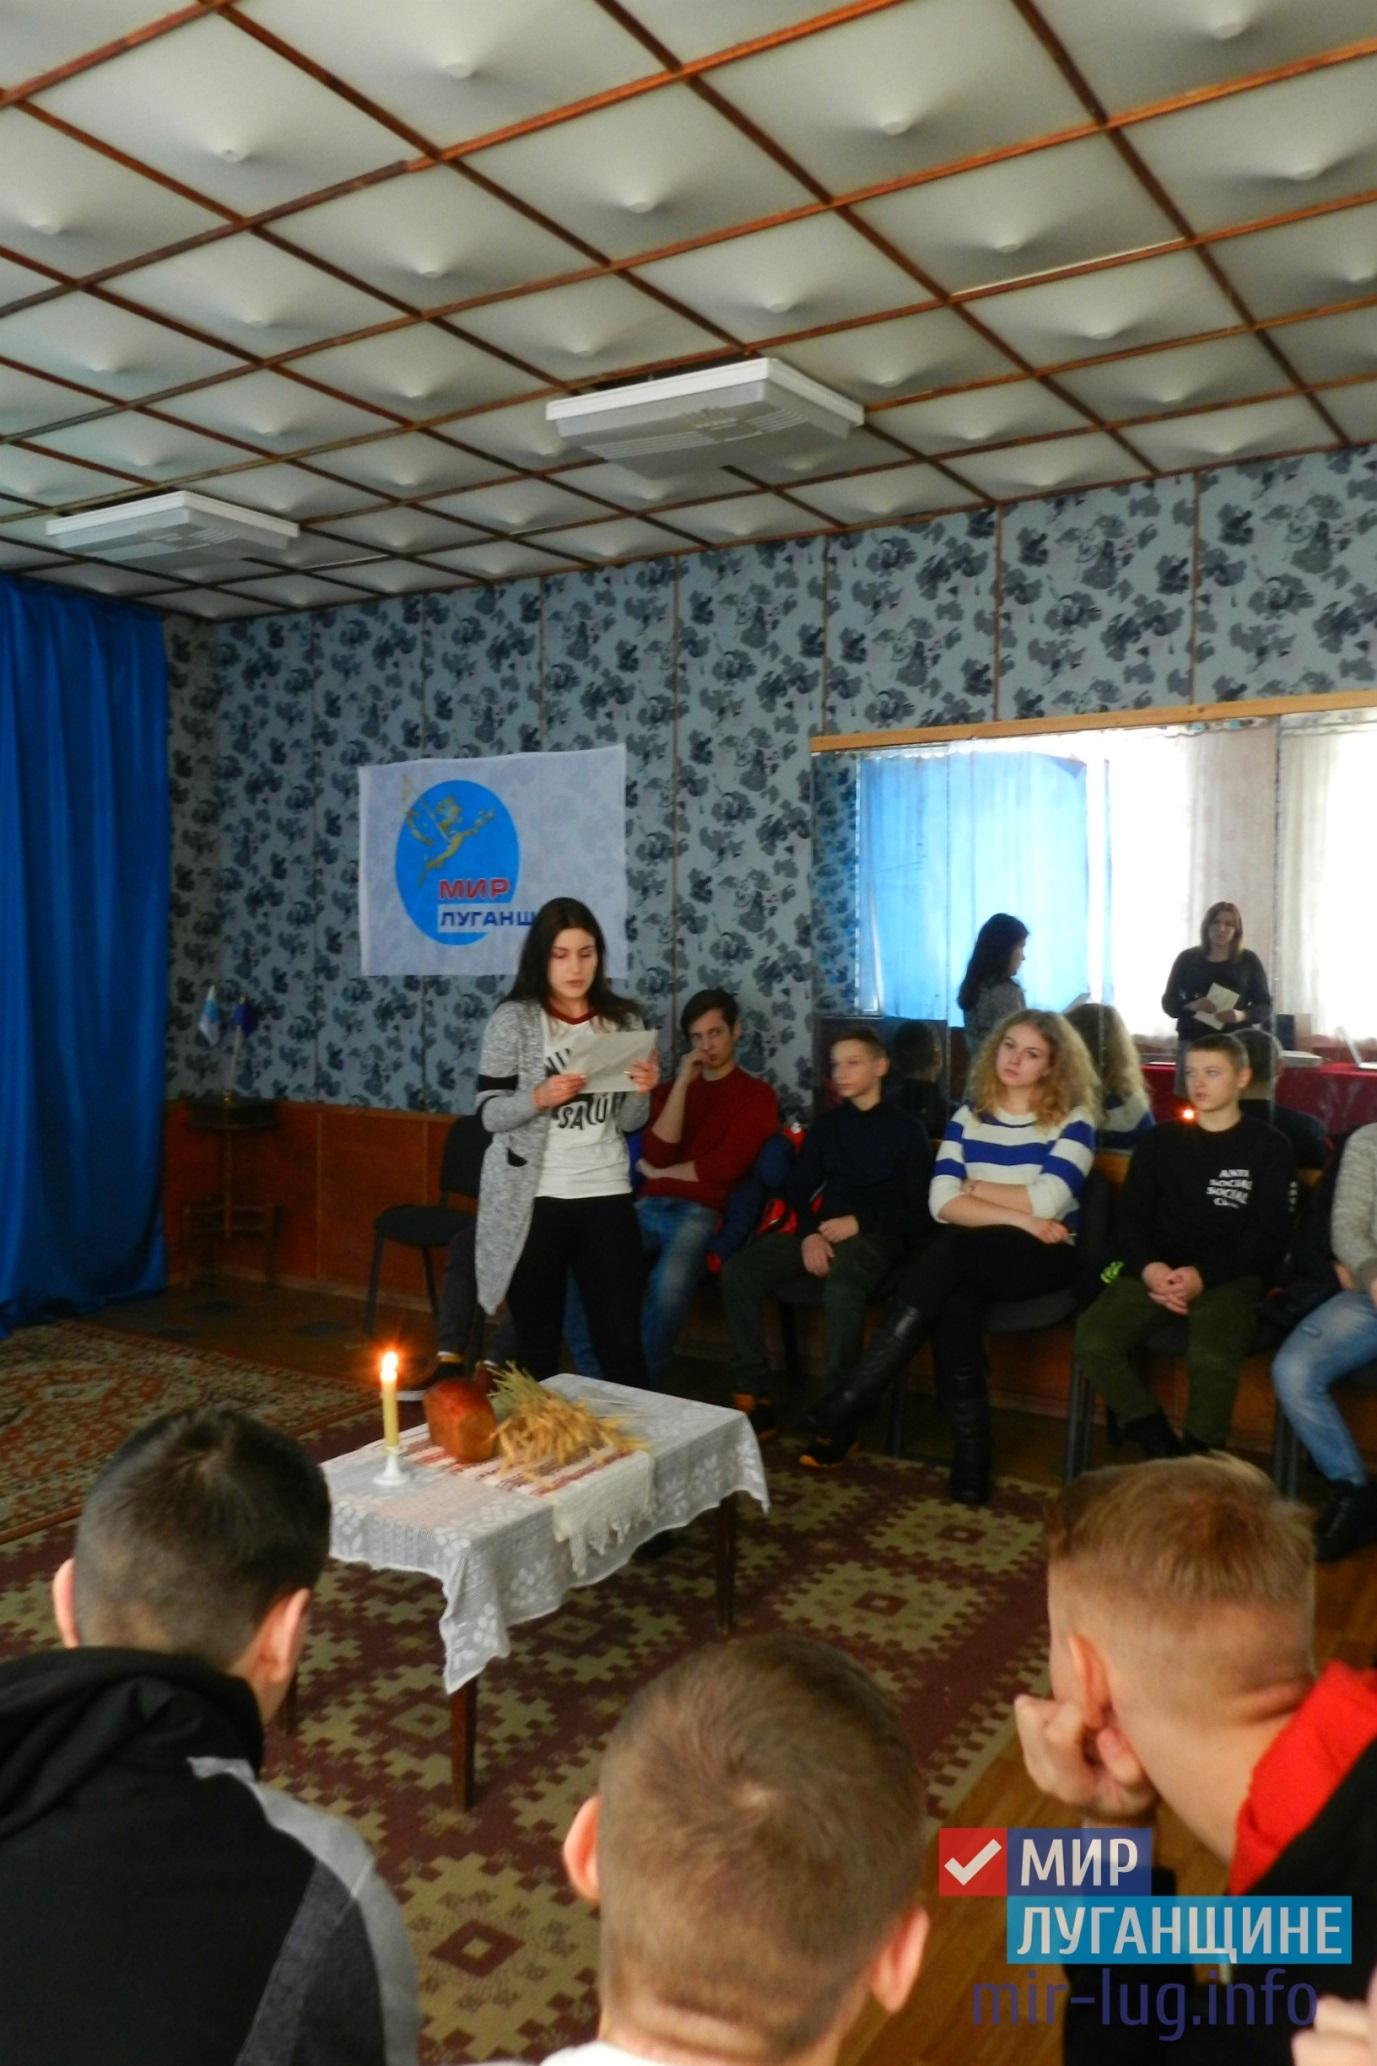 В Металлисте прошел час истории посвященный 75-й годовщине освобождения Ленинграда 1